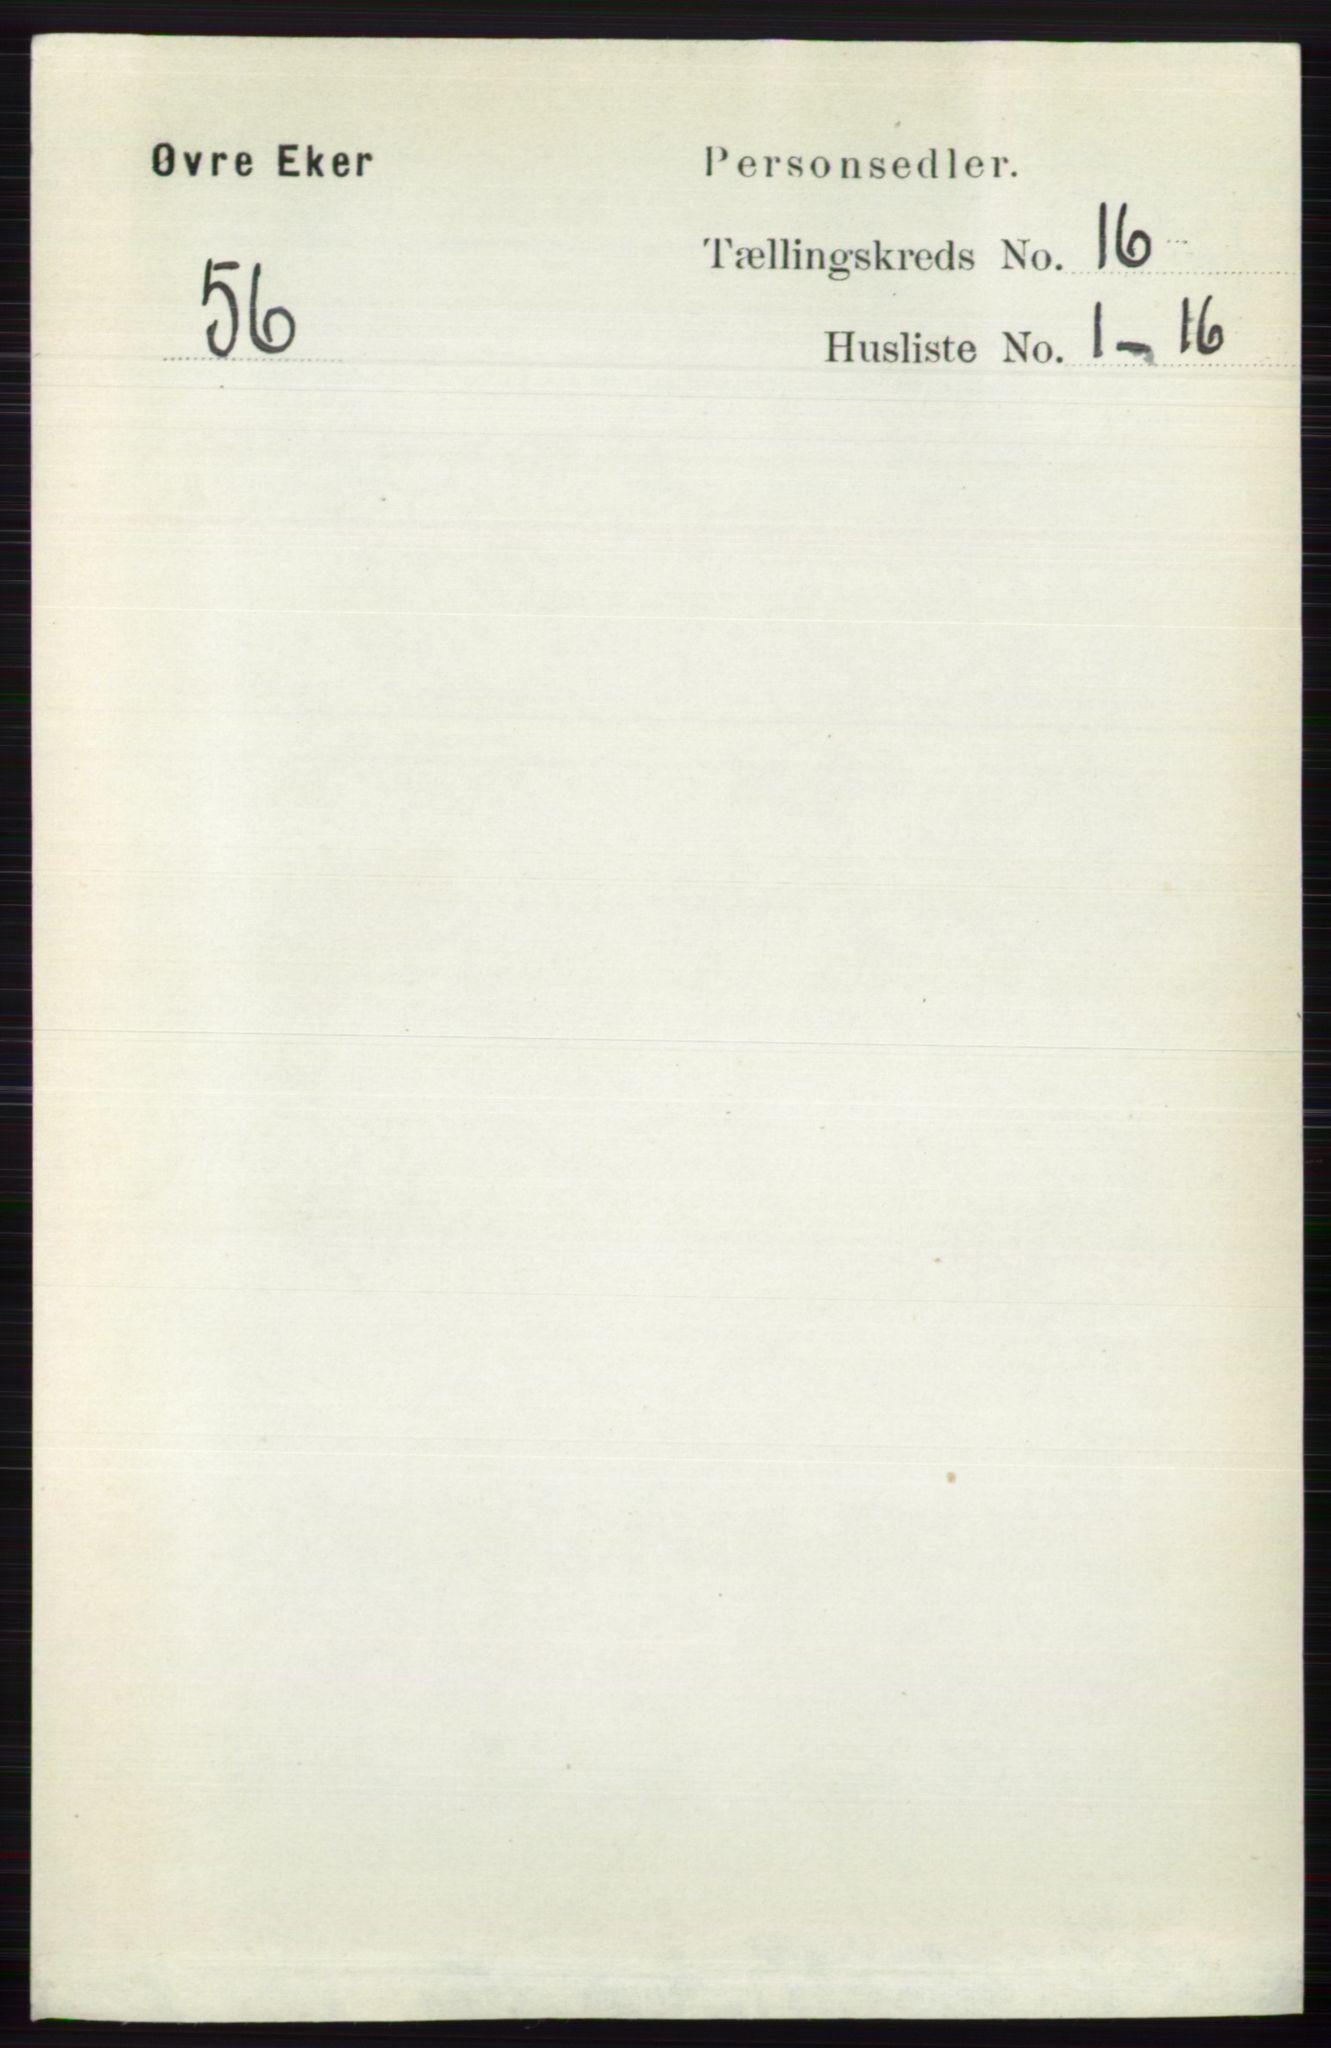 RA, Folketelling 1891 for 0624 Øvre Eiker herred, 1891, s. 7645